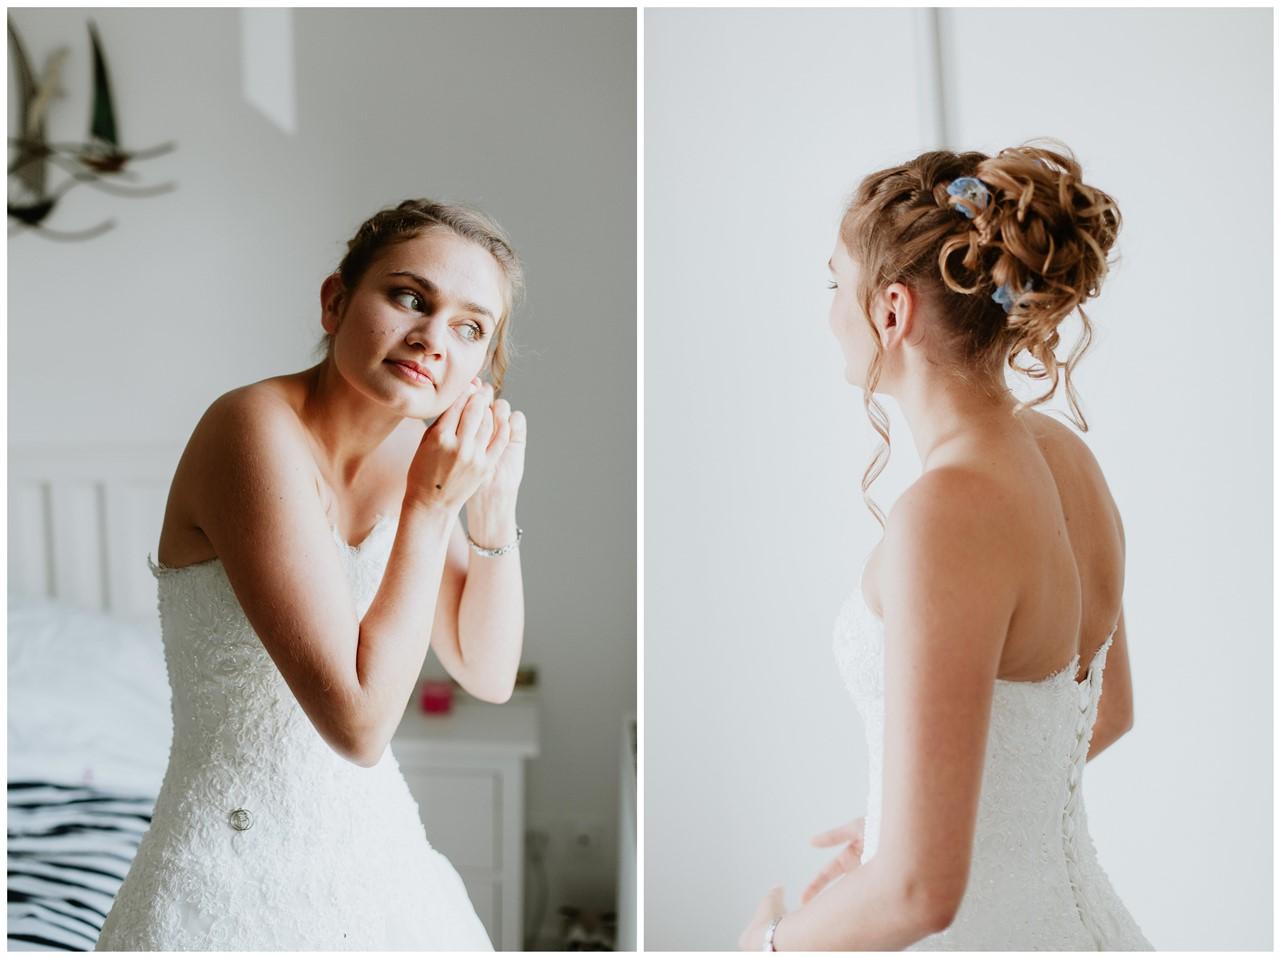 portraits préparation mariée